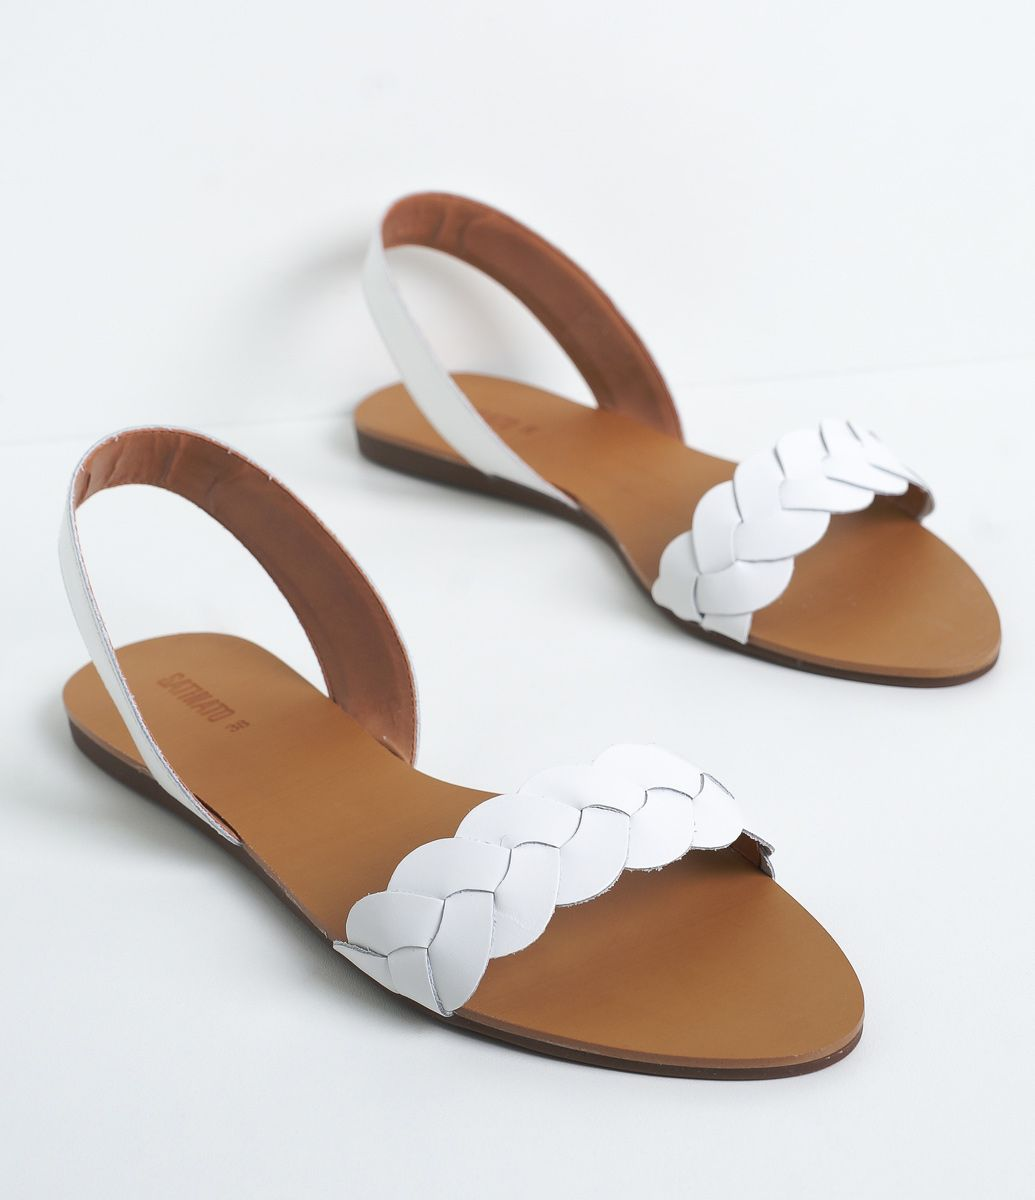 c921324989 Sandália feminina Material  couro Rasteira Trançada Marca  Satinato COLEÇÃO  VERÃO 2017 Veja outras opções de sandálias femininas.